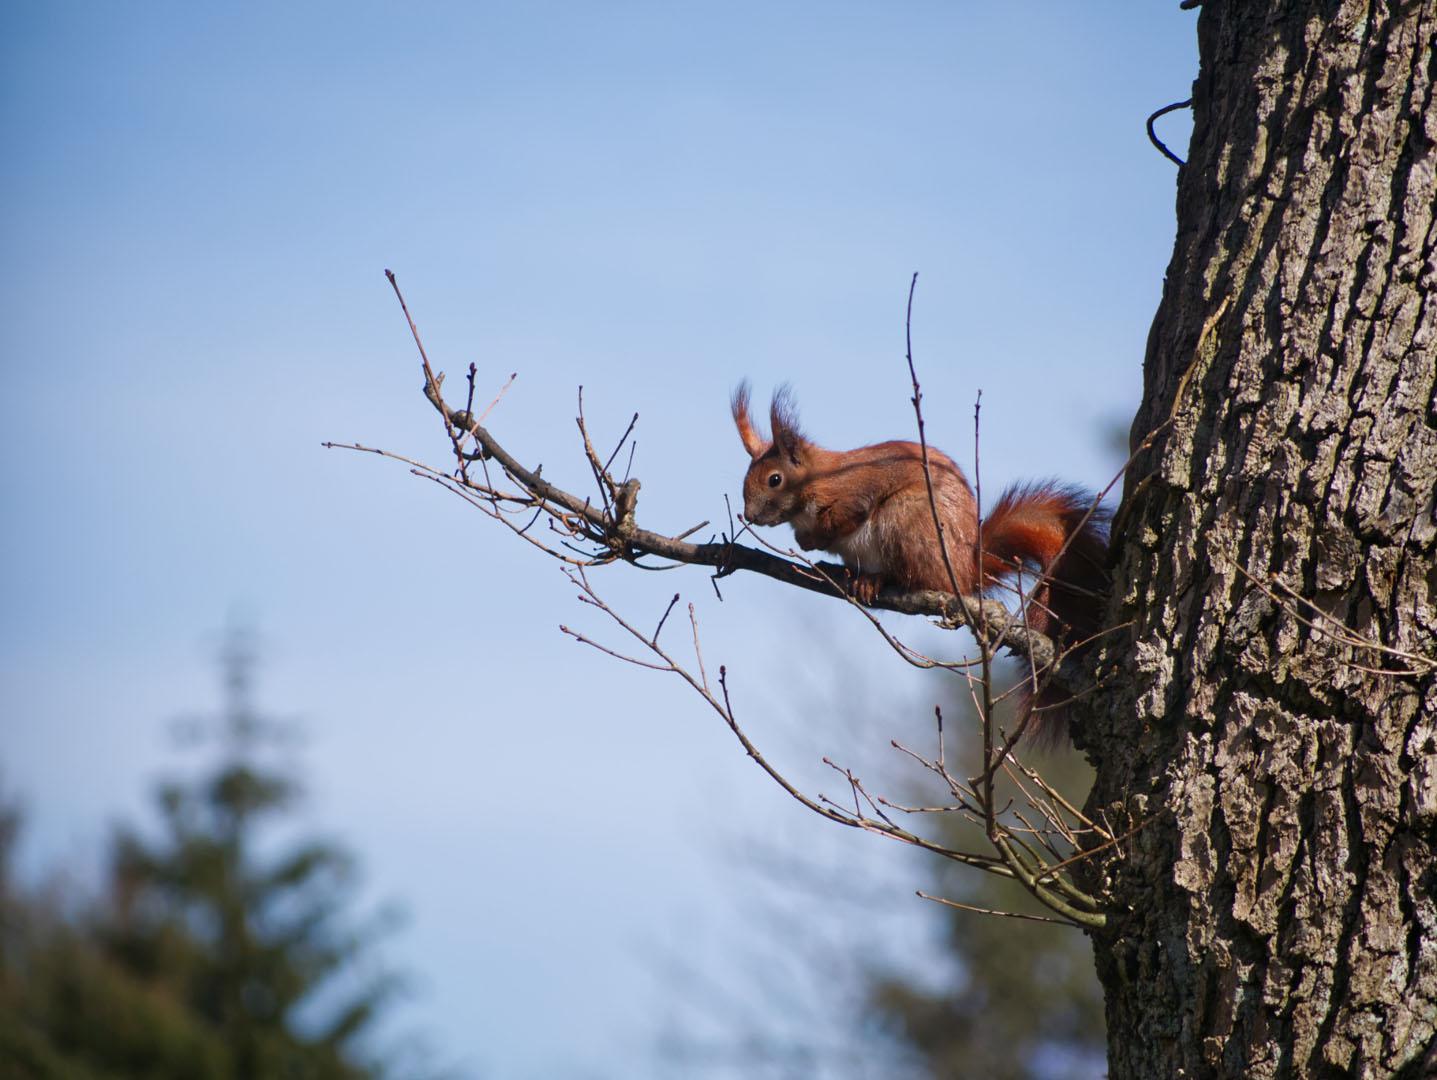 F 042 - Michael Heim - Eichhörnchen auf Ast